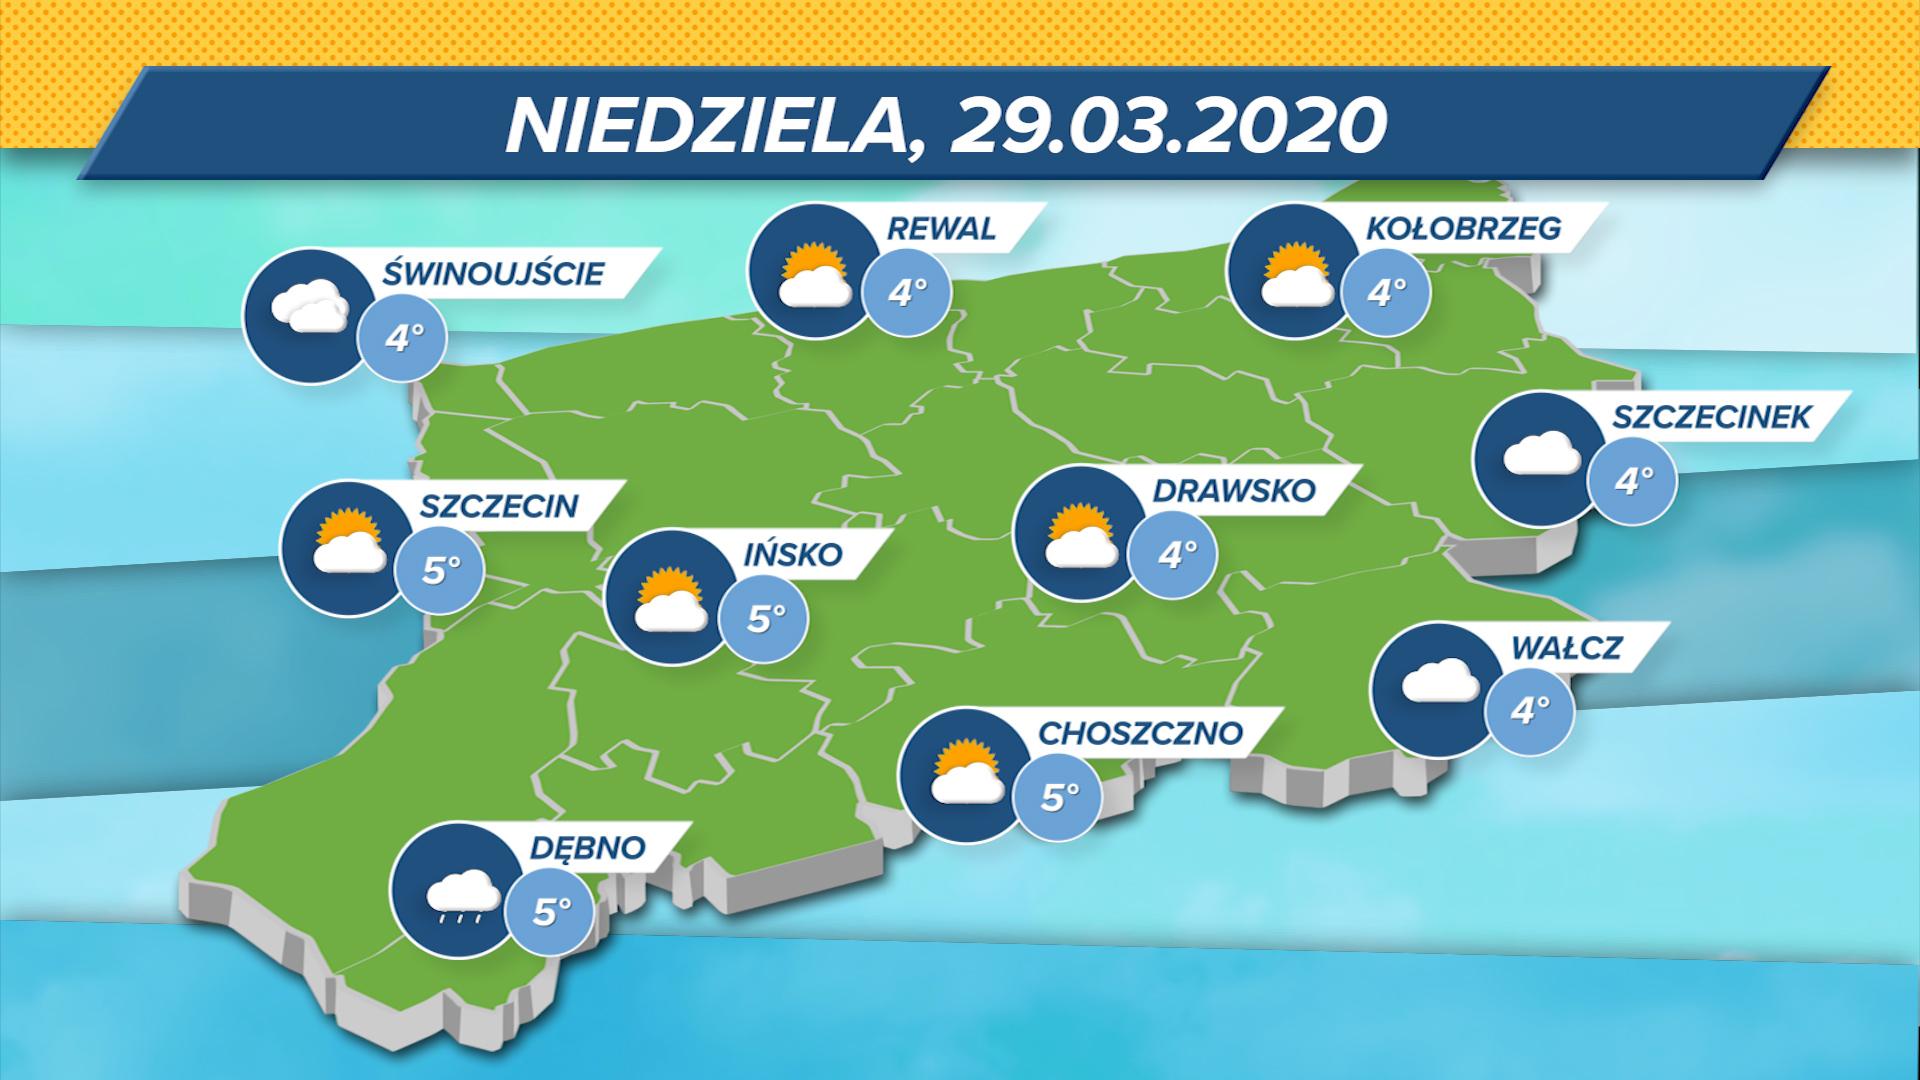 Nad regionem spore zachmurzenie i możliwe przelotne opady deszczu. Temperatury w Zachodniopomorskiem wyniosą od 4 do 5 stopni Celsjusza.